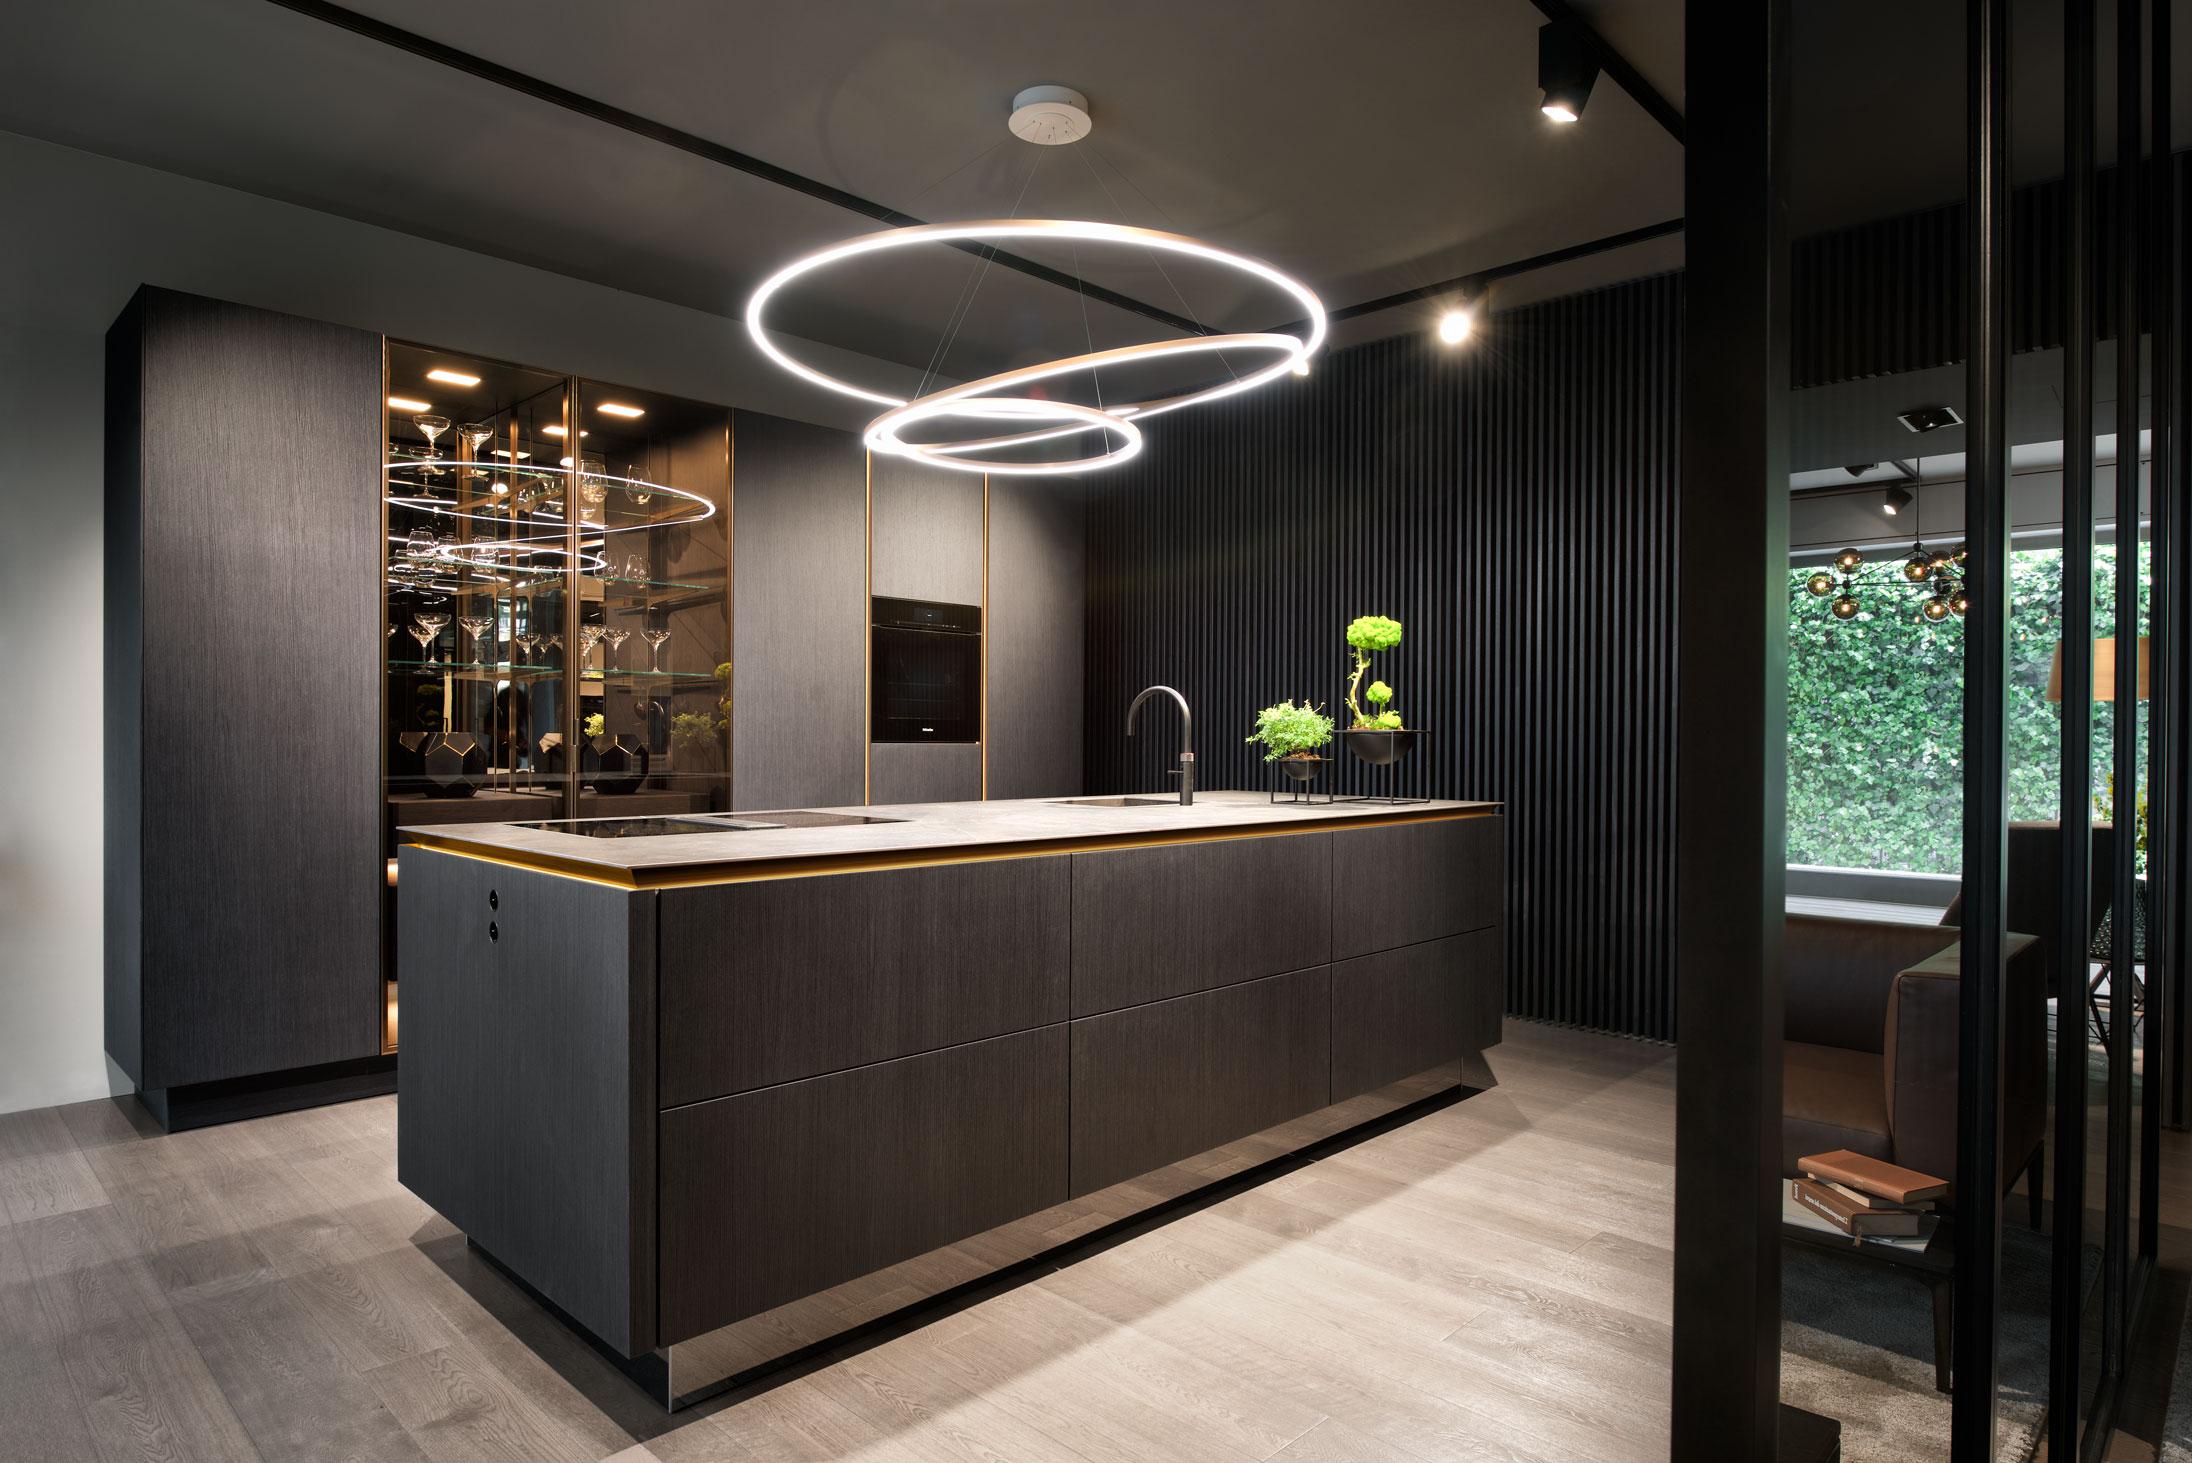 Greeploze designkeuken met kookeiland en LED-verlichting in de greep. SieMatic Pure designkeuken #siematic #keukeninspiratie #designkeuken #ledverlichting #keuken #kookeiland